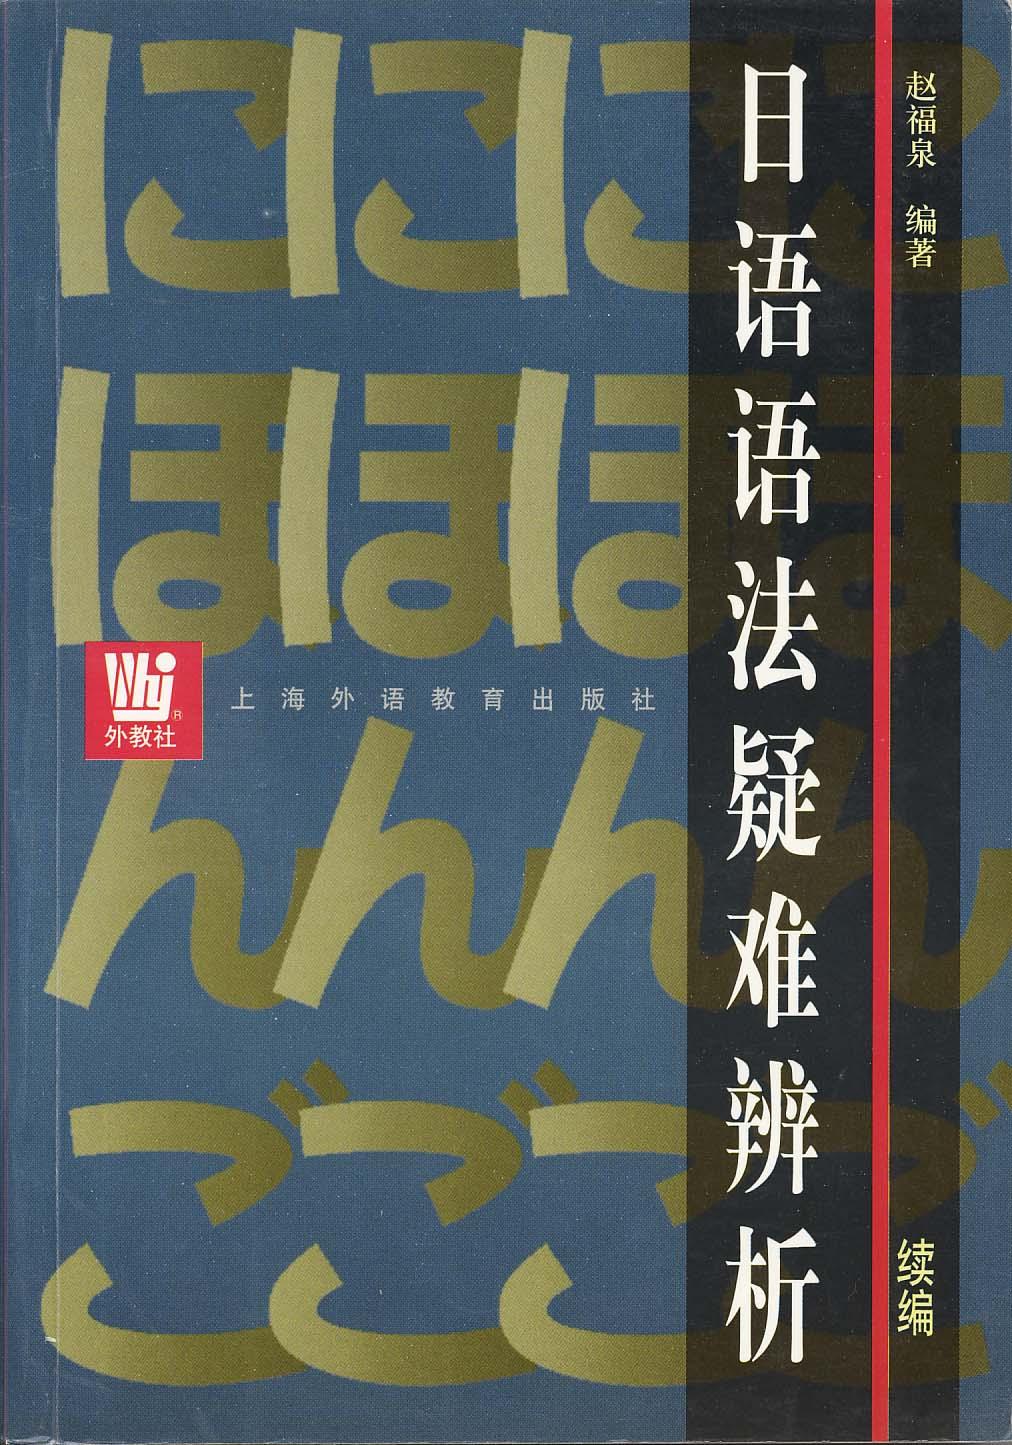 日语语法疑难辨析续编